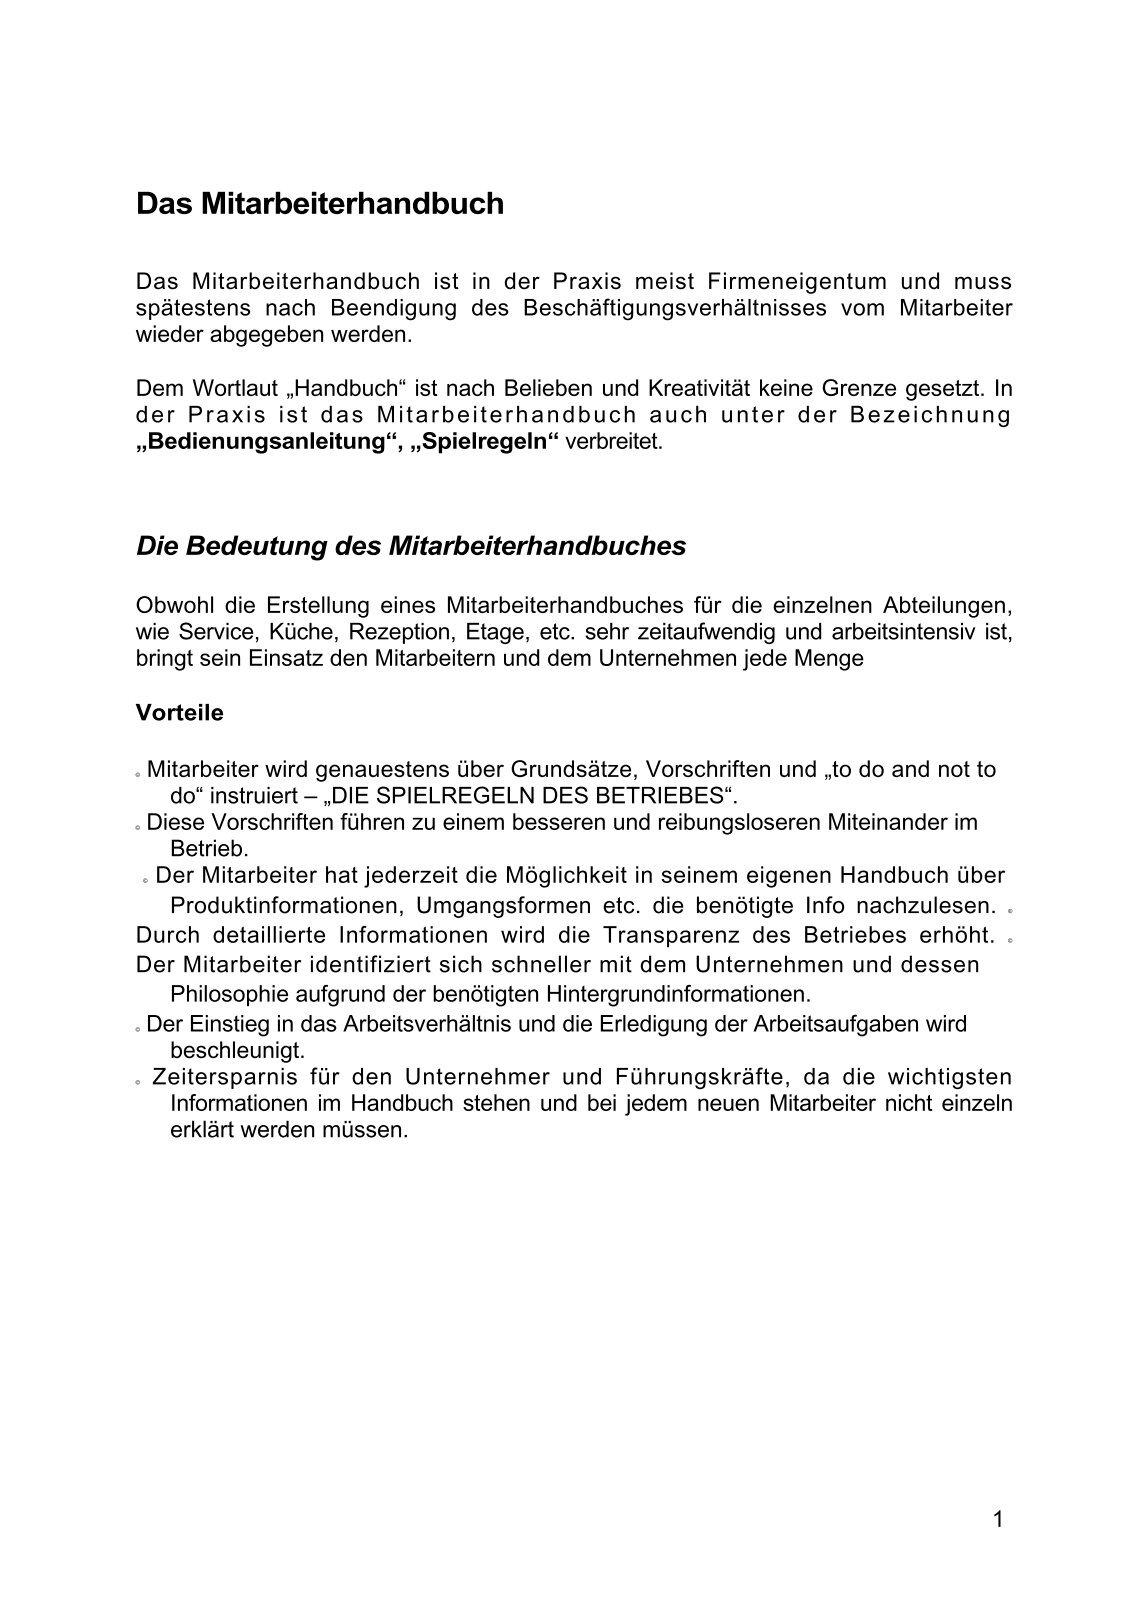 Fein Mitarbeiter Handbuch Vorlage Frei Bilder - Ideen fortsetzen ...